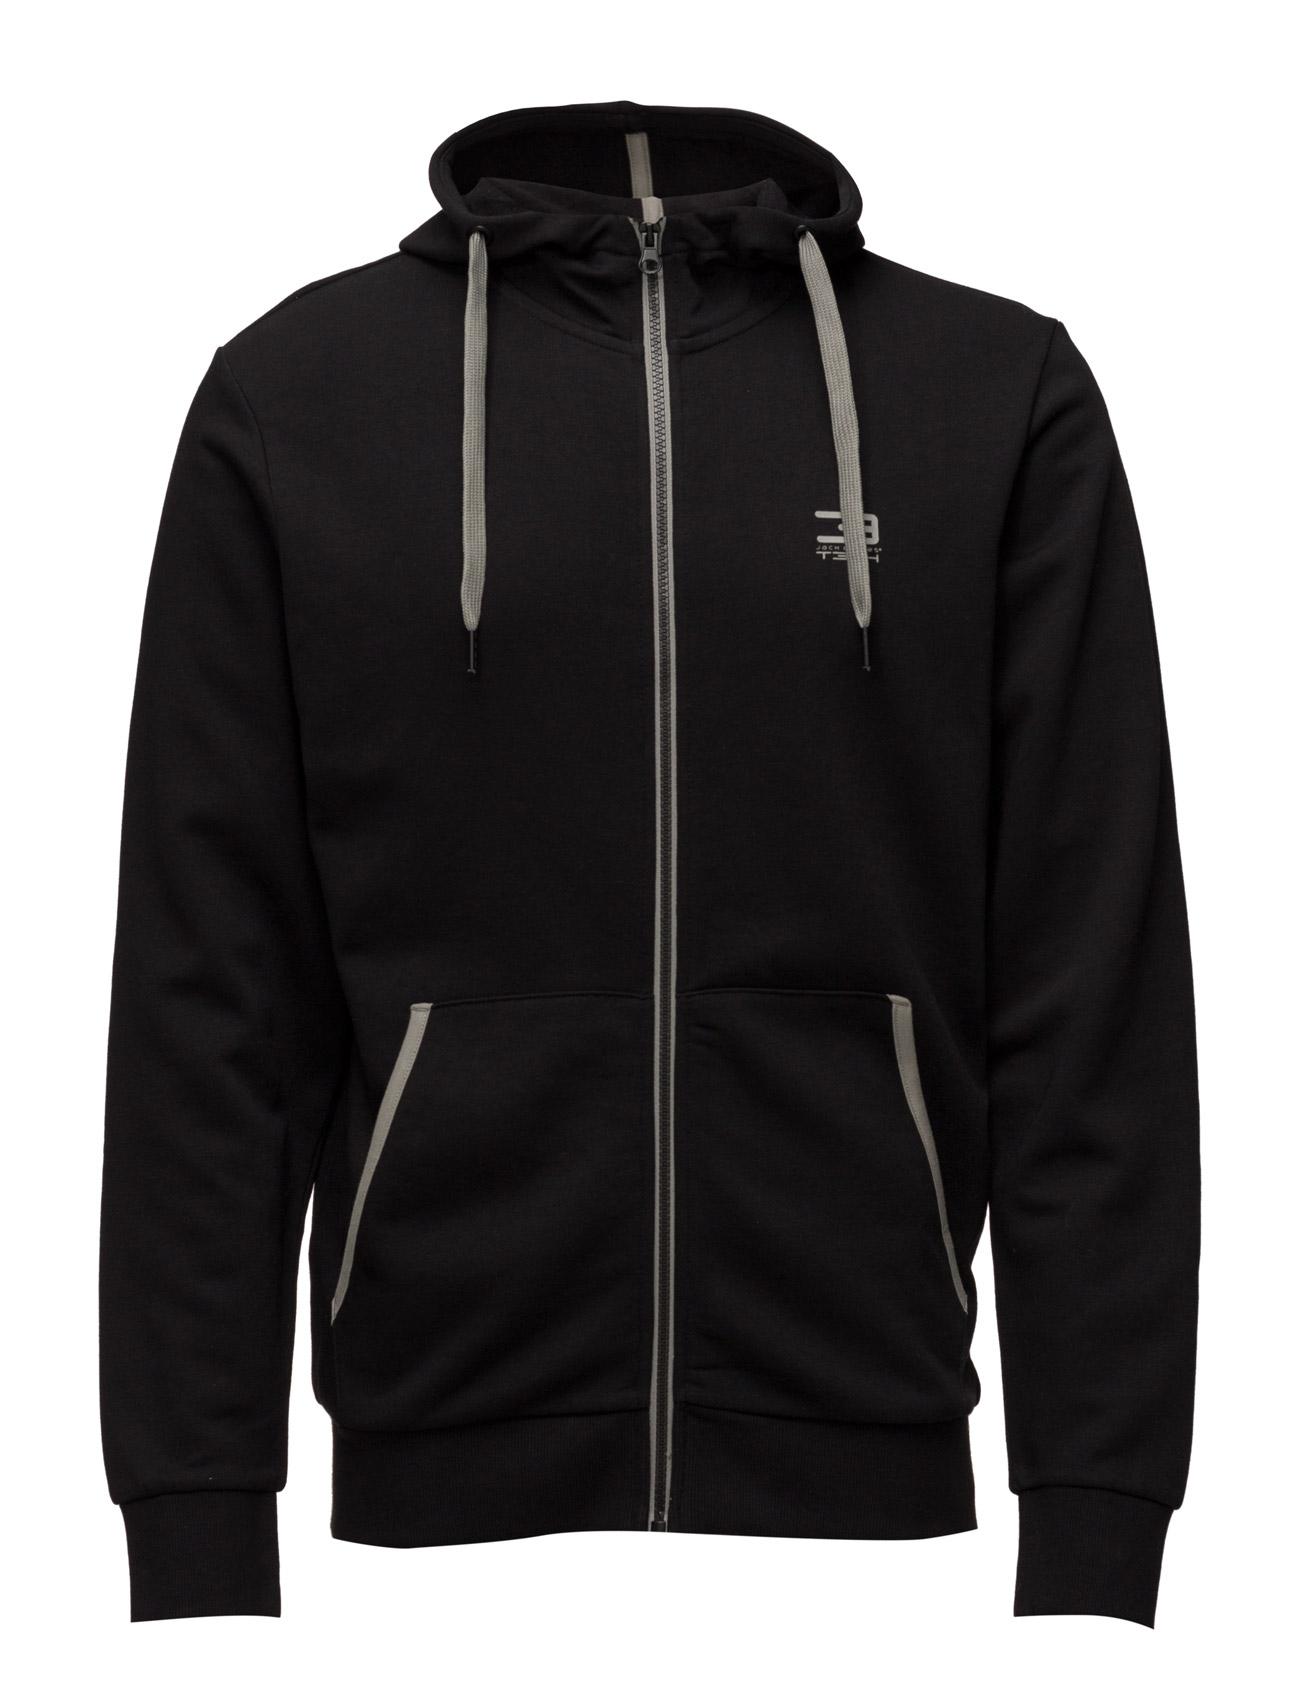 Jjtslider Sweat Zip Hood* Noos Jack & Jones Tech Sports sweatshirts til Herrer i Sort